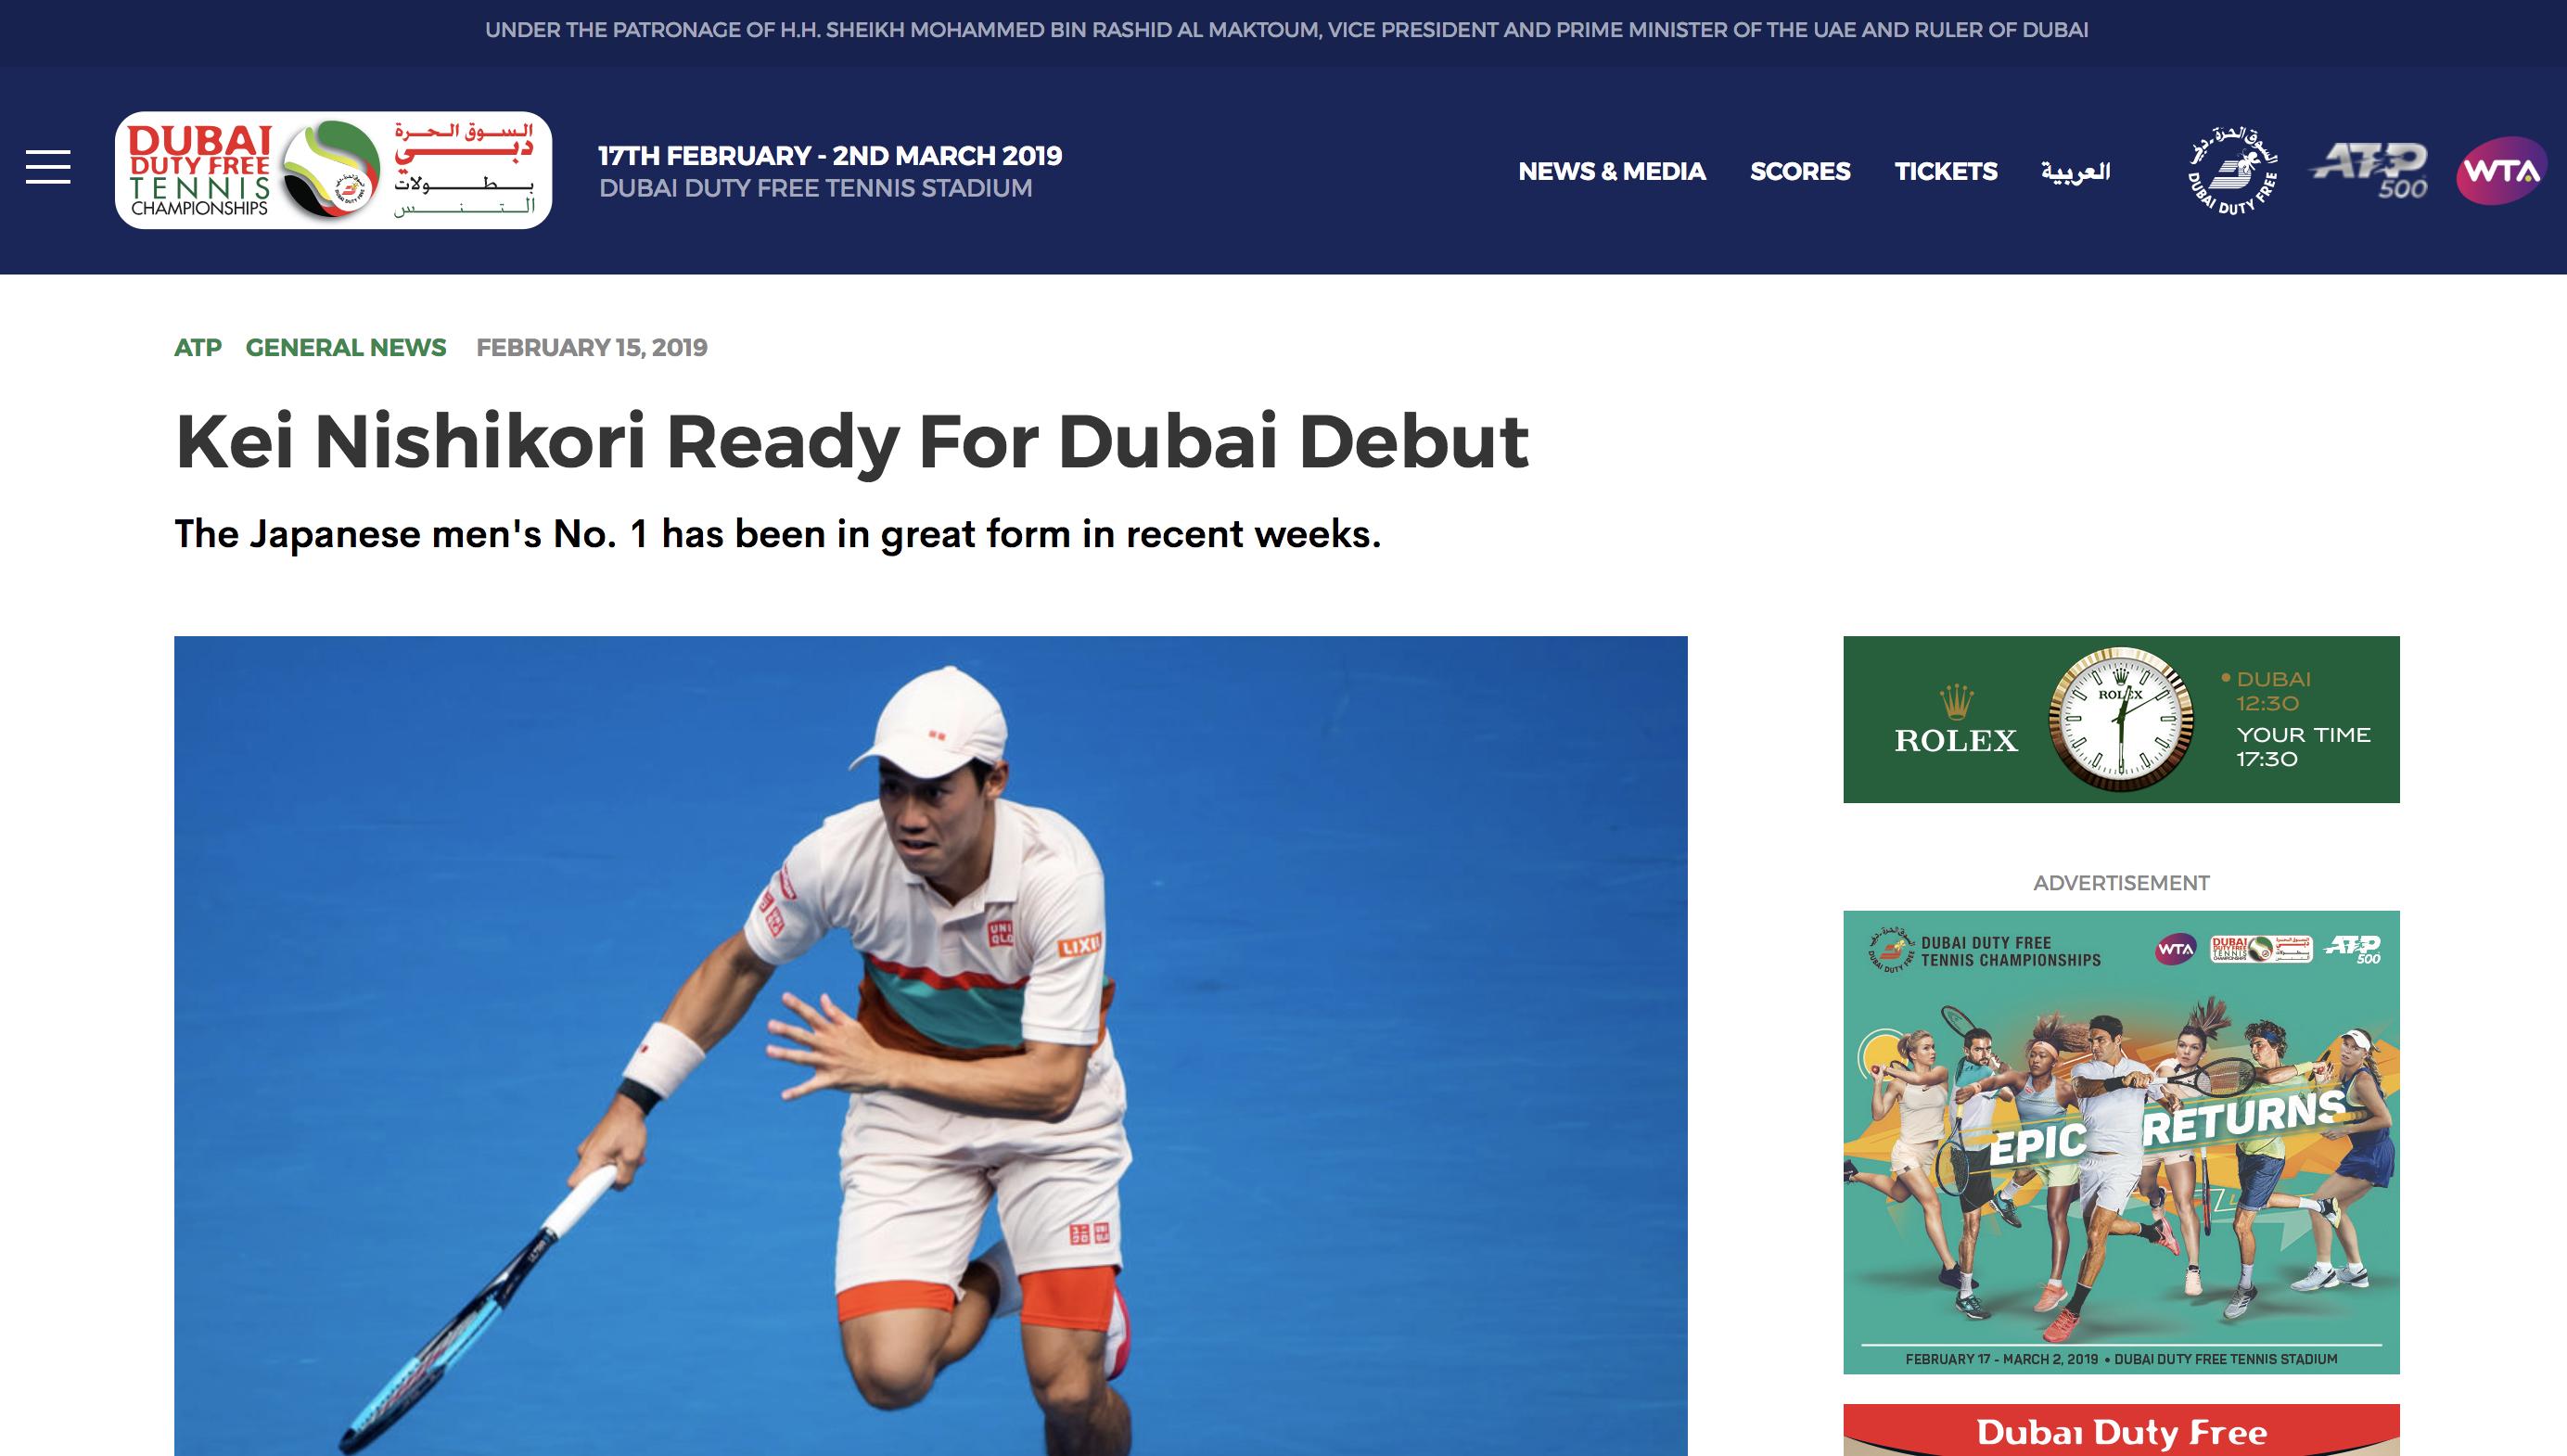 ドバイデューティフリーテニス2019の大会情報